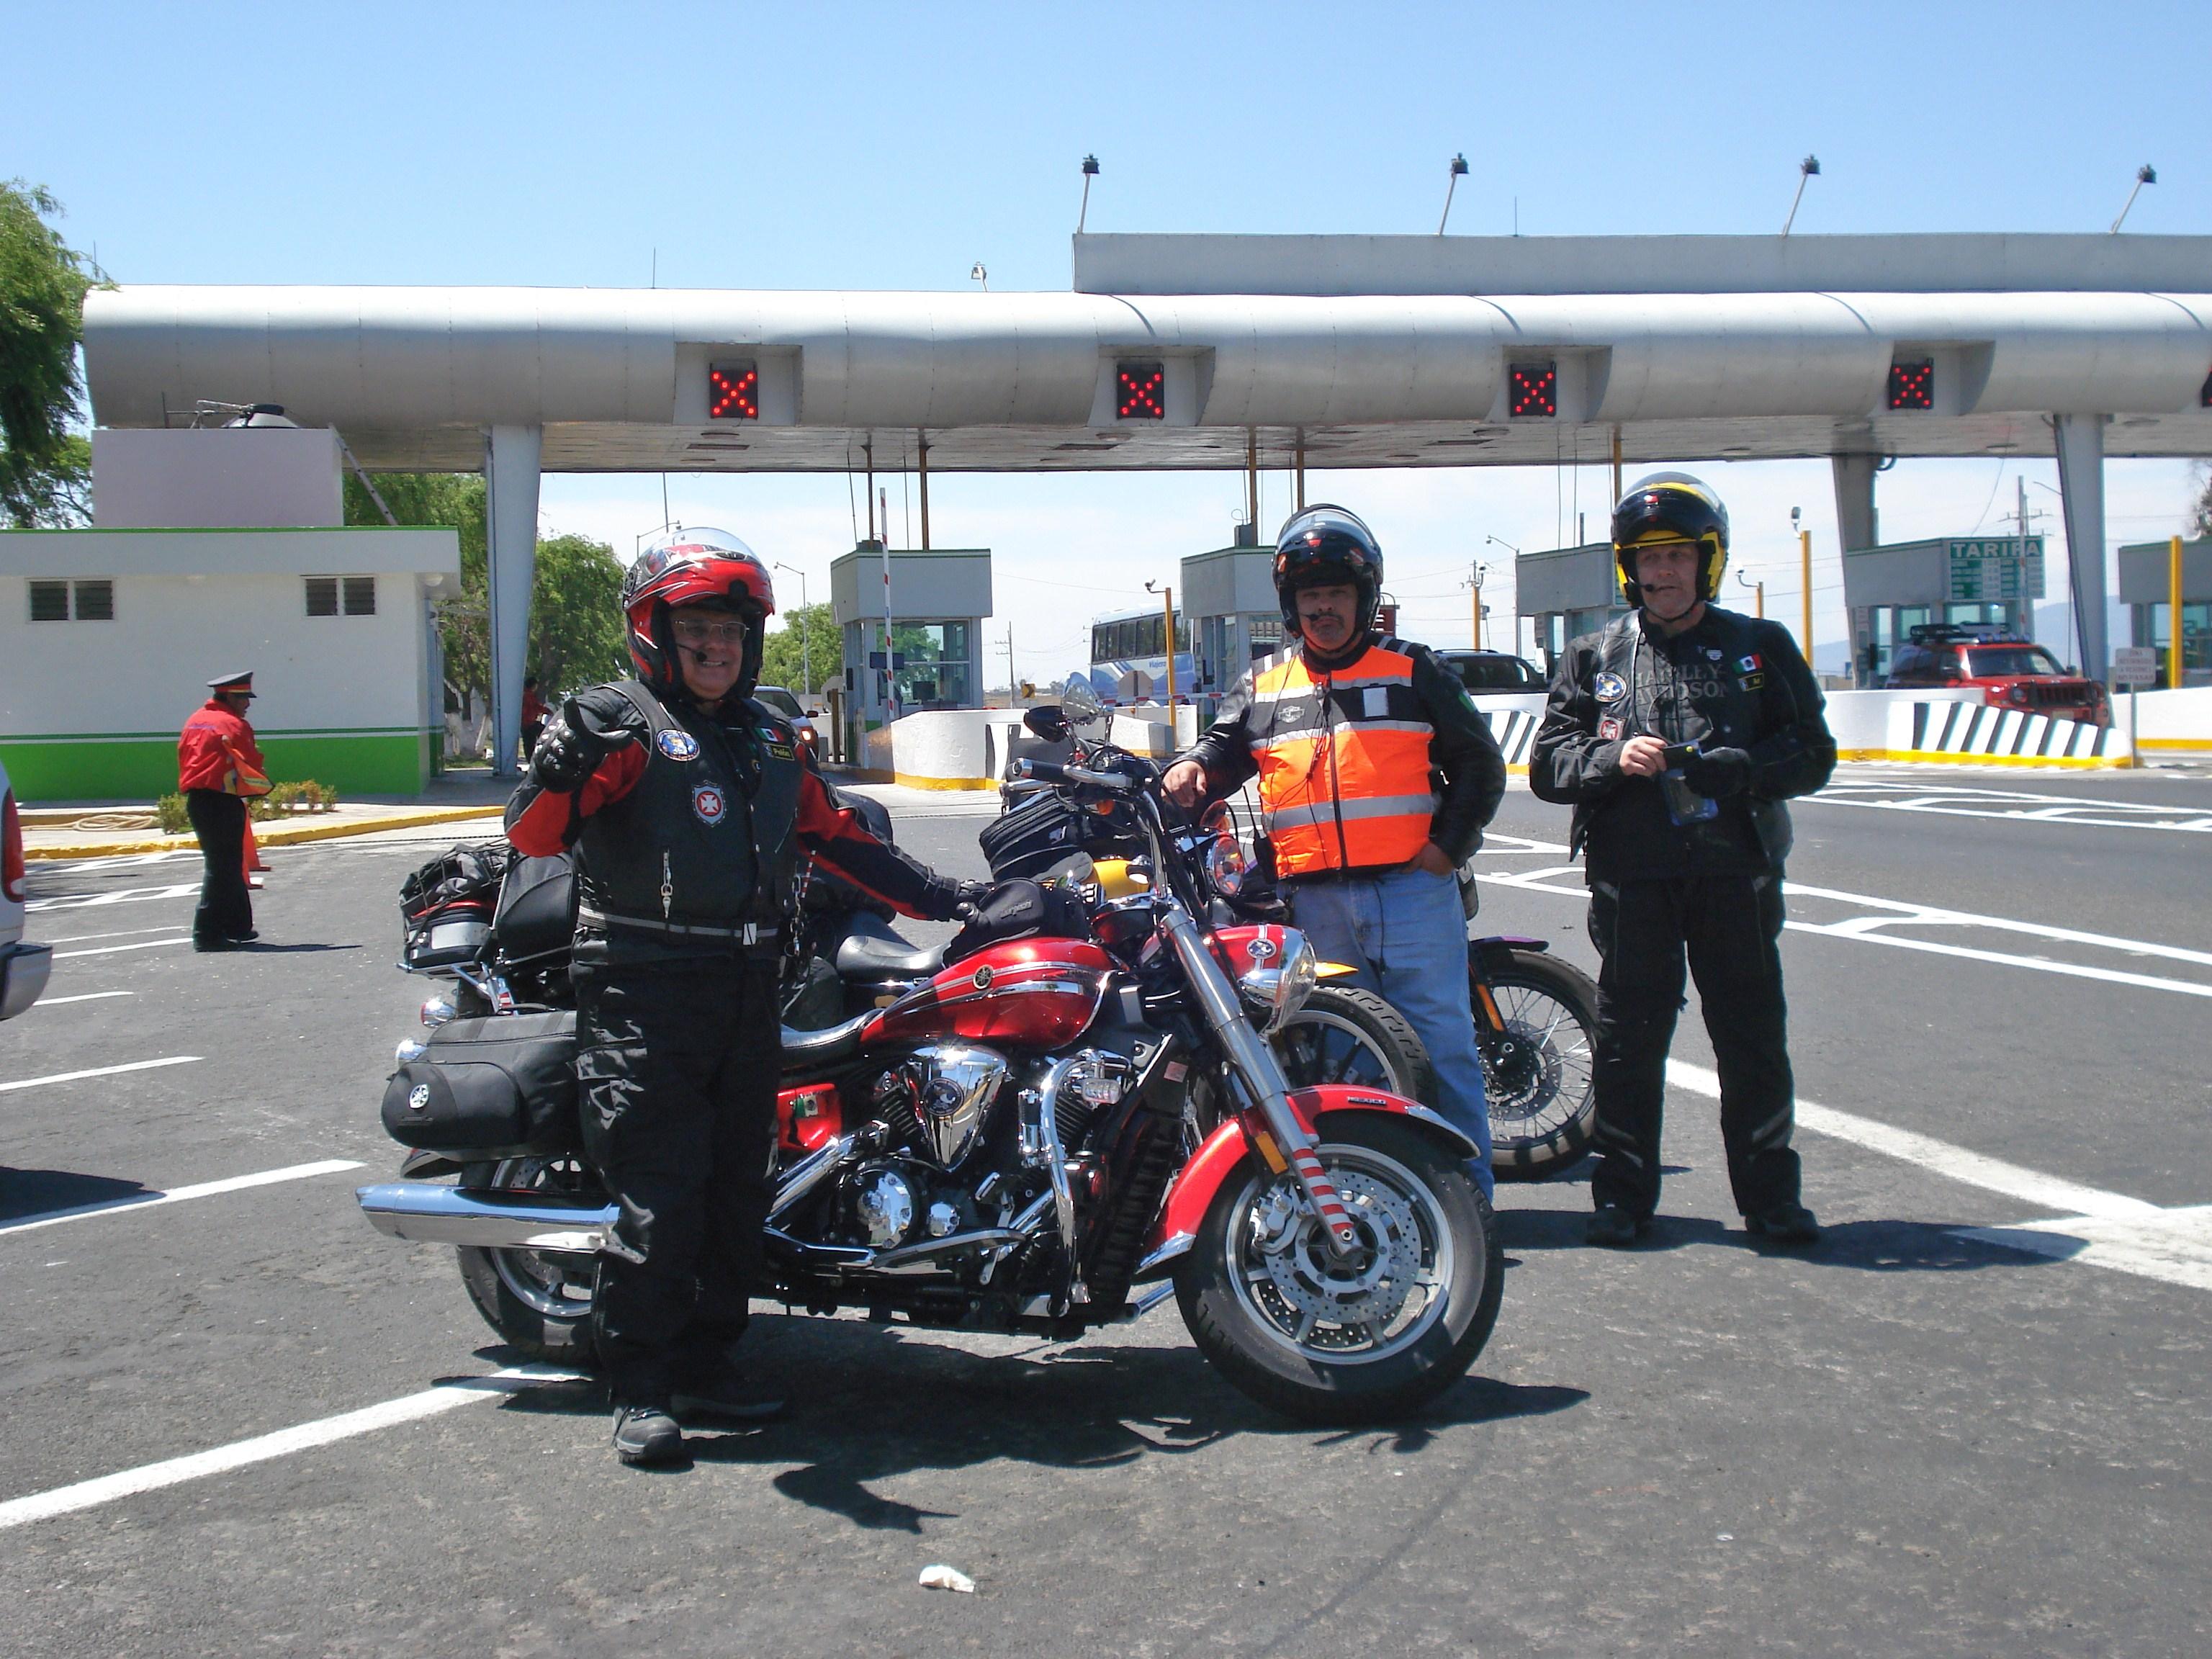 Breve historia de las Motocicletas Harley Davidson | garmexico